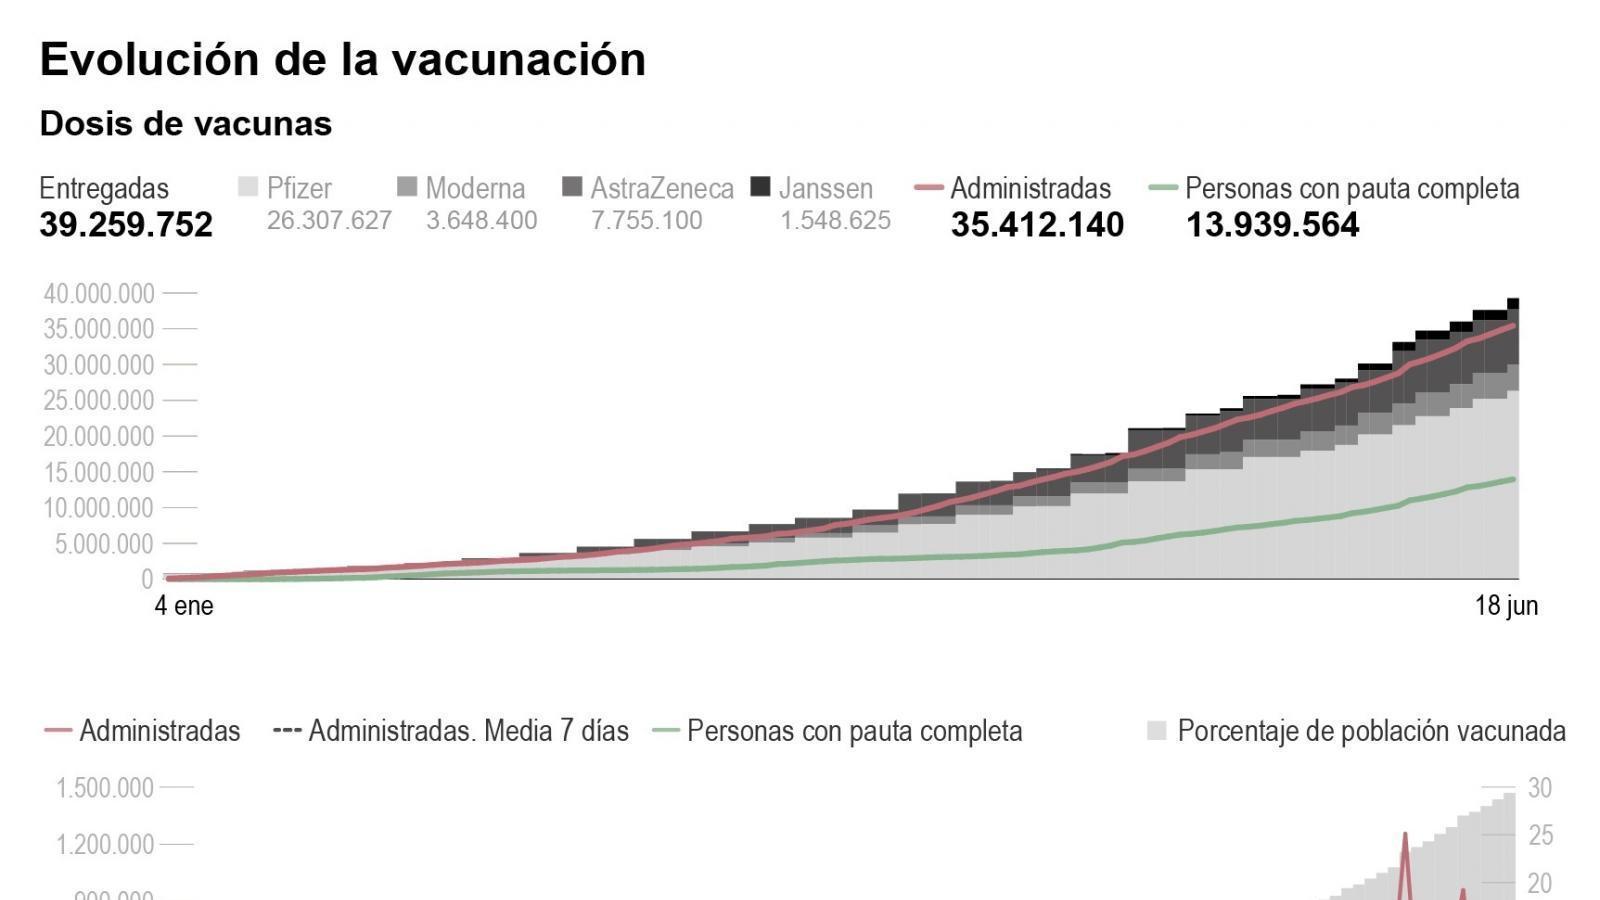 mas-de-la-mitad-de-los-espanoles-de-50-a-59-anos-tiene-la-pauta-completa